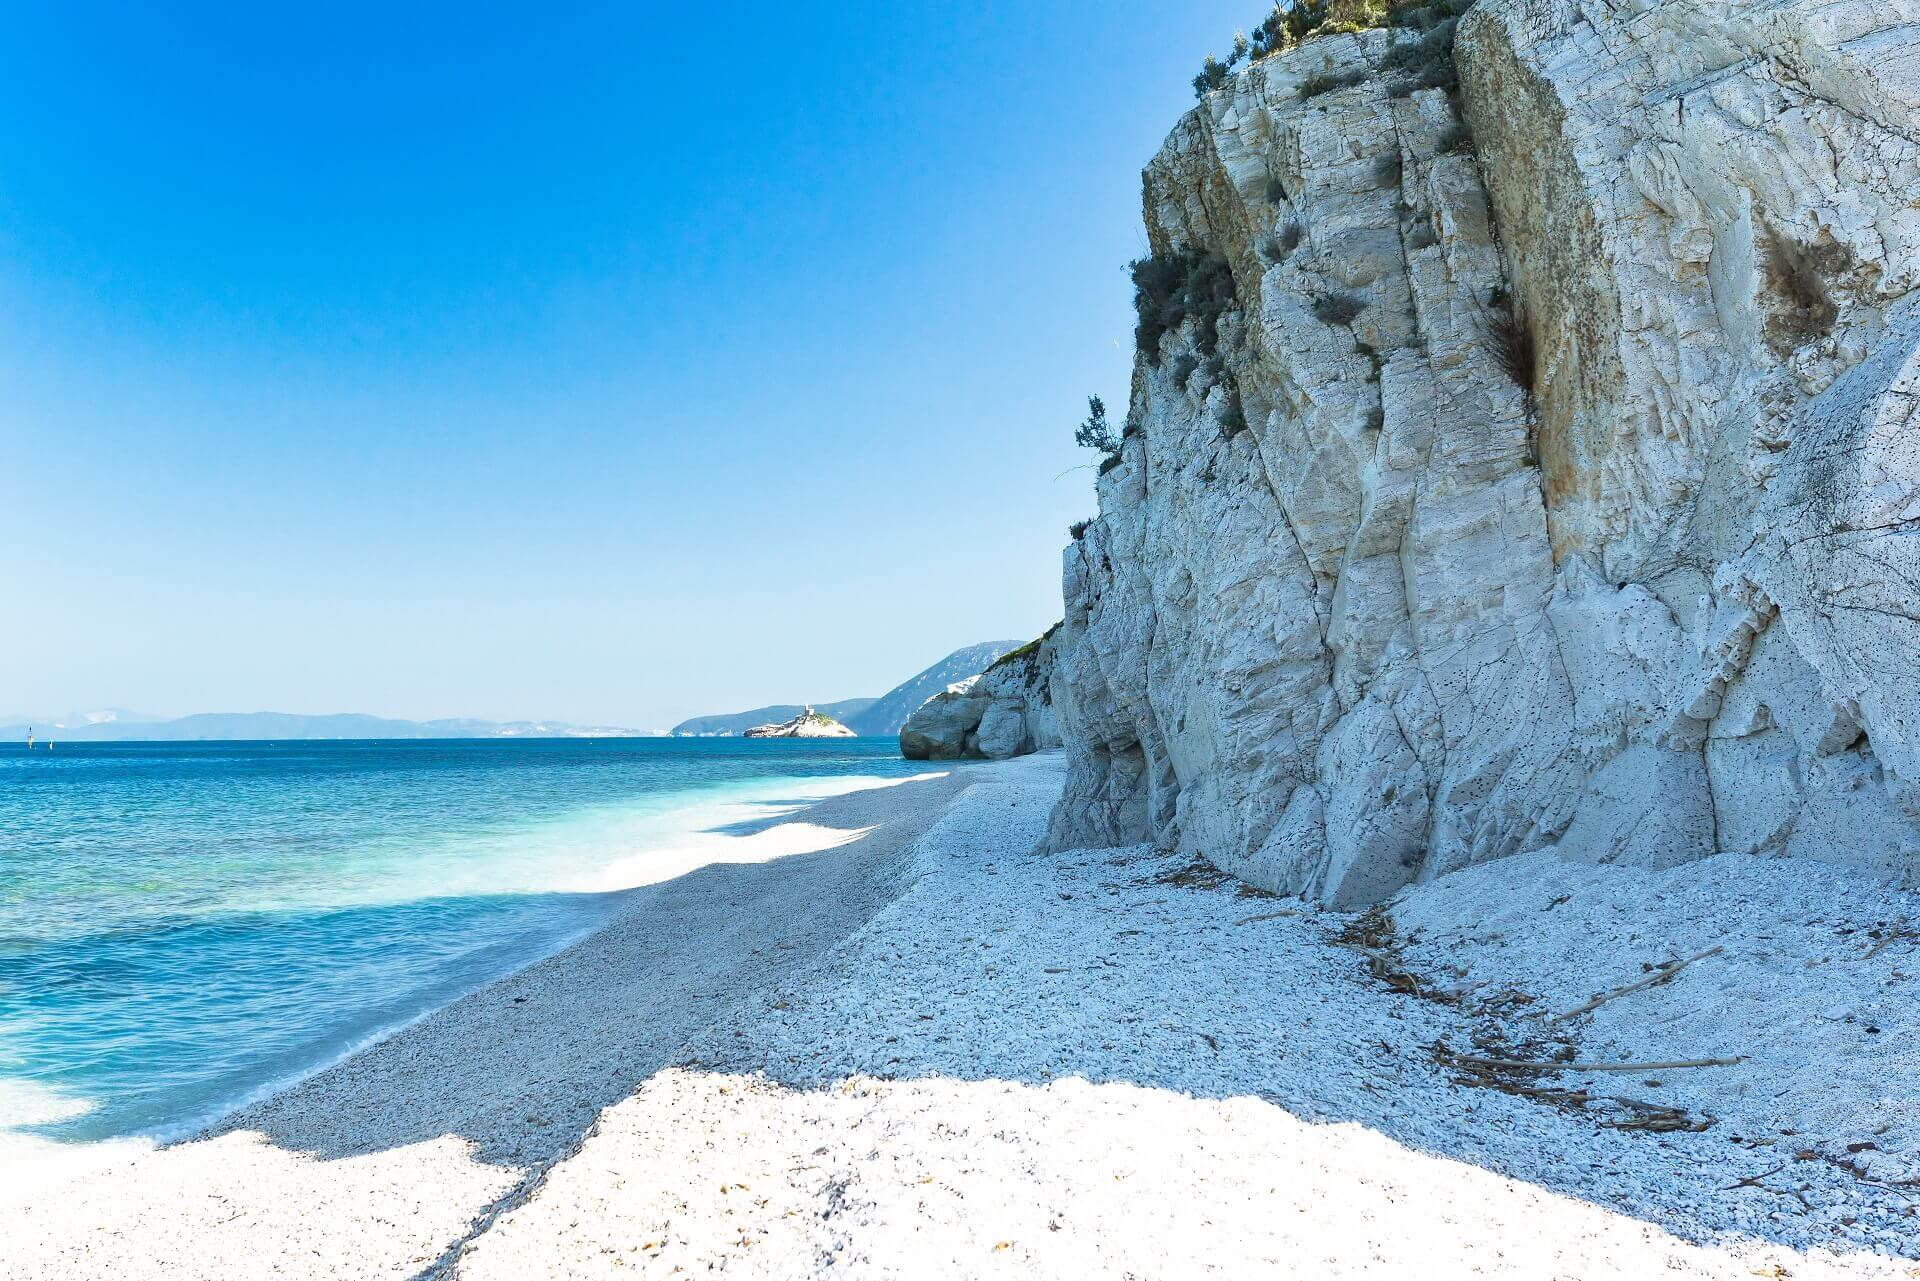 Der Capo Bianco auf Elba hält was sein Name verspricht